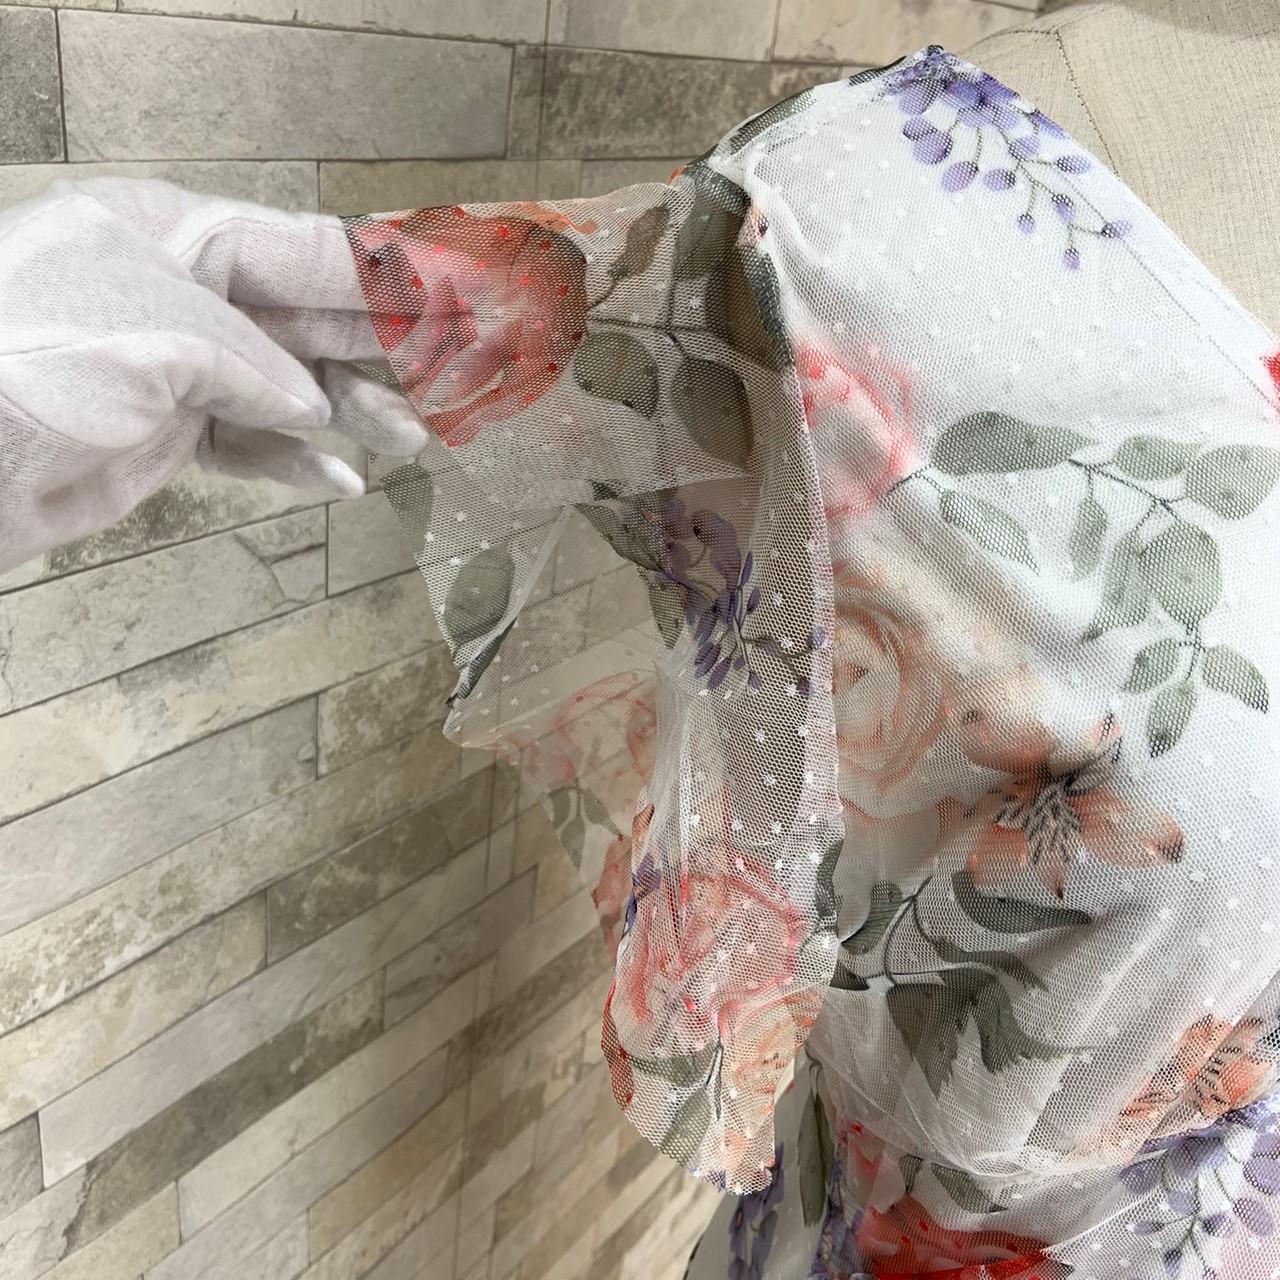 【即納】韓国 ファッション ワンピース パーティードレス ひざ丈 ミディアム 春 夏 パーティー ブライダル SPTXG050 結婚式 お呼ばれ 深Vネック ドレープ加工 ハ 二次会 セレブ きれいめの写真11枚目